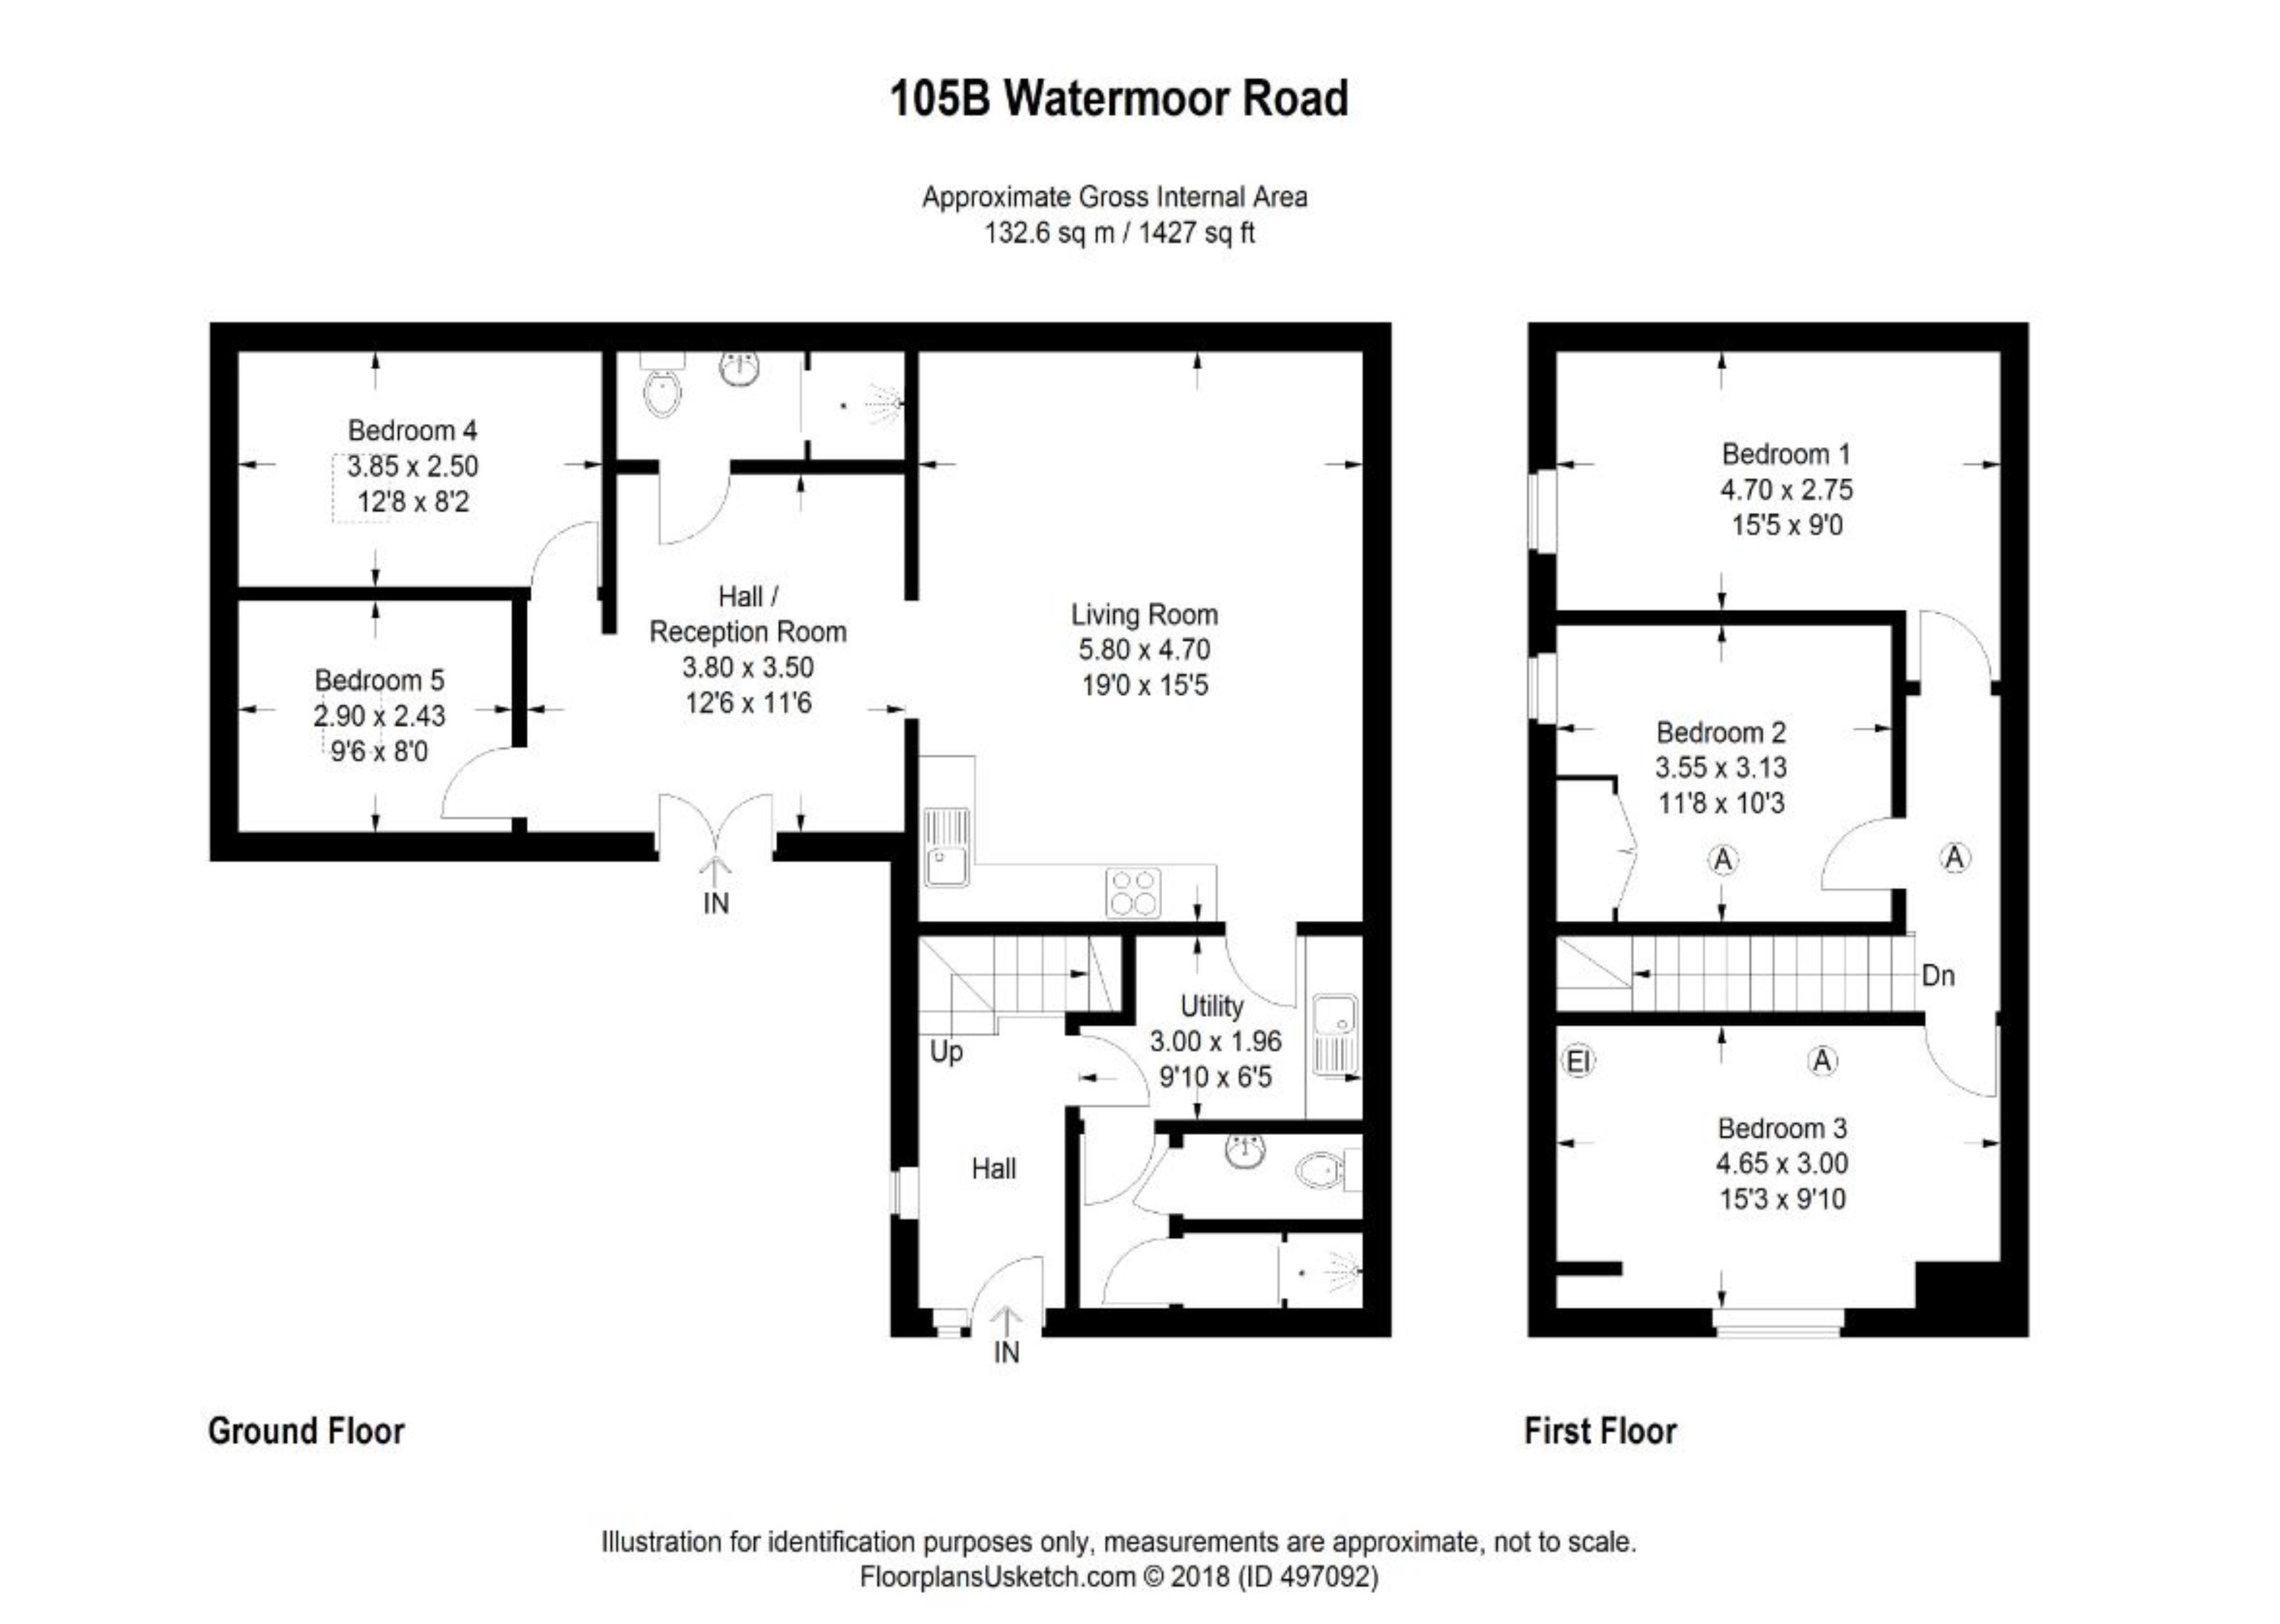 105b Watermoor Road